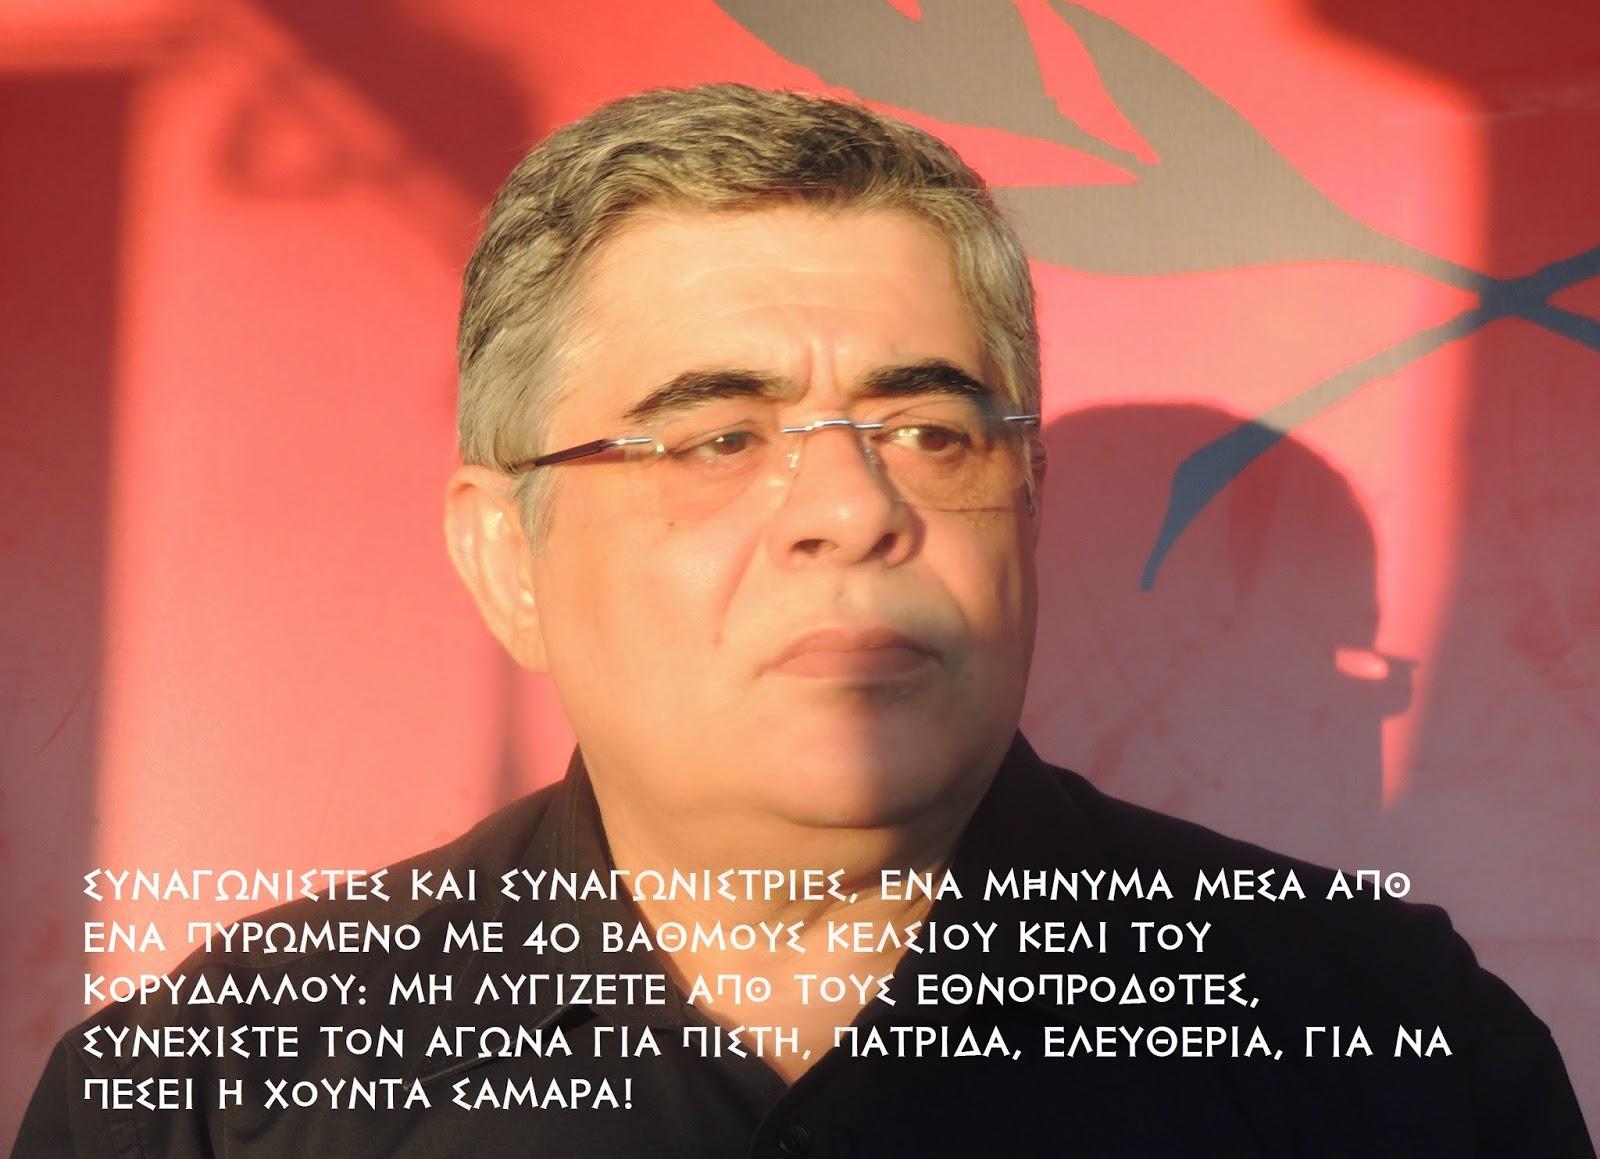 Δεν θα μας λυγίσουν οι εθνοπροδότες - Το μήνυμα του Ν.Γ. Μιχαλολιάκου